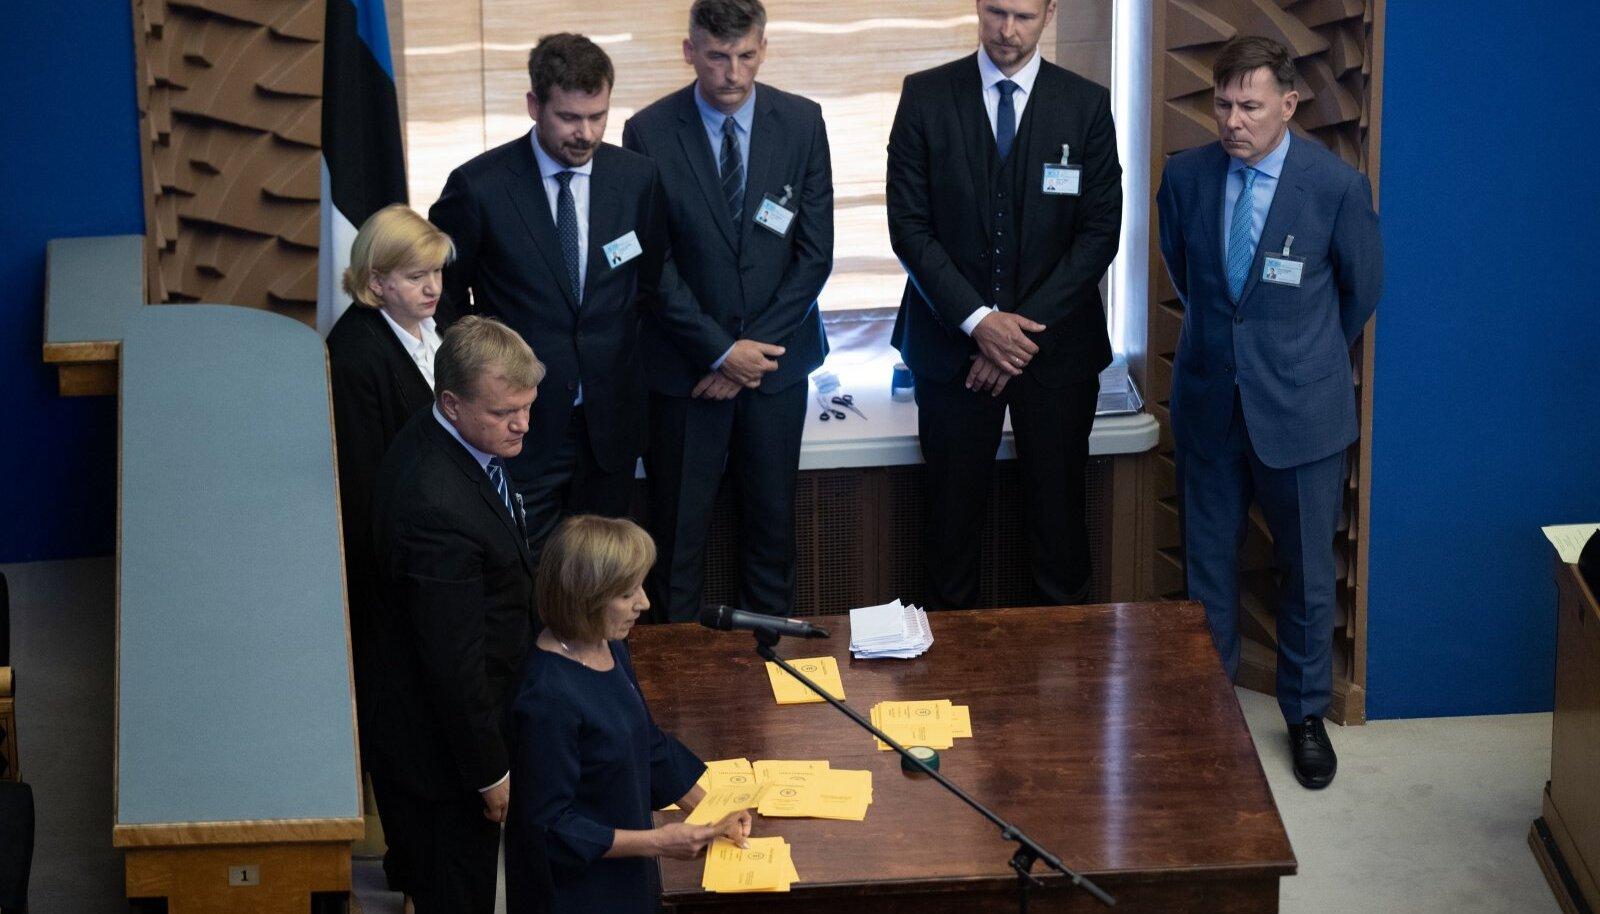 Tähelepanelikumad vaatlejad lugesid kümne kaupa rühmitatud sedelitest tulemuse enne välja, kui valimiskomisjon selle teatavaks tegi.